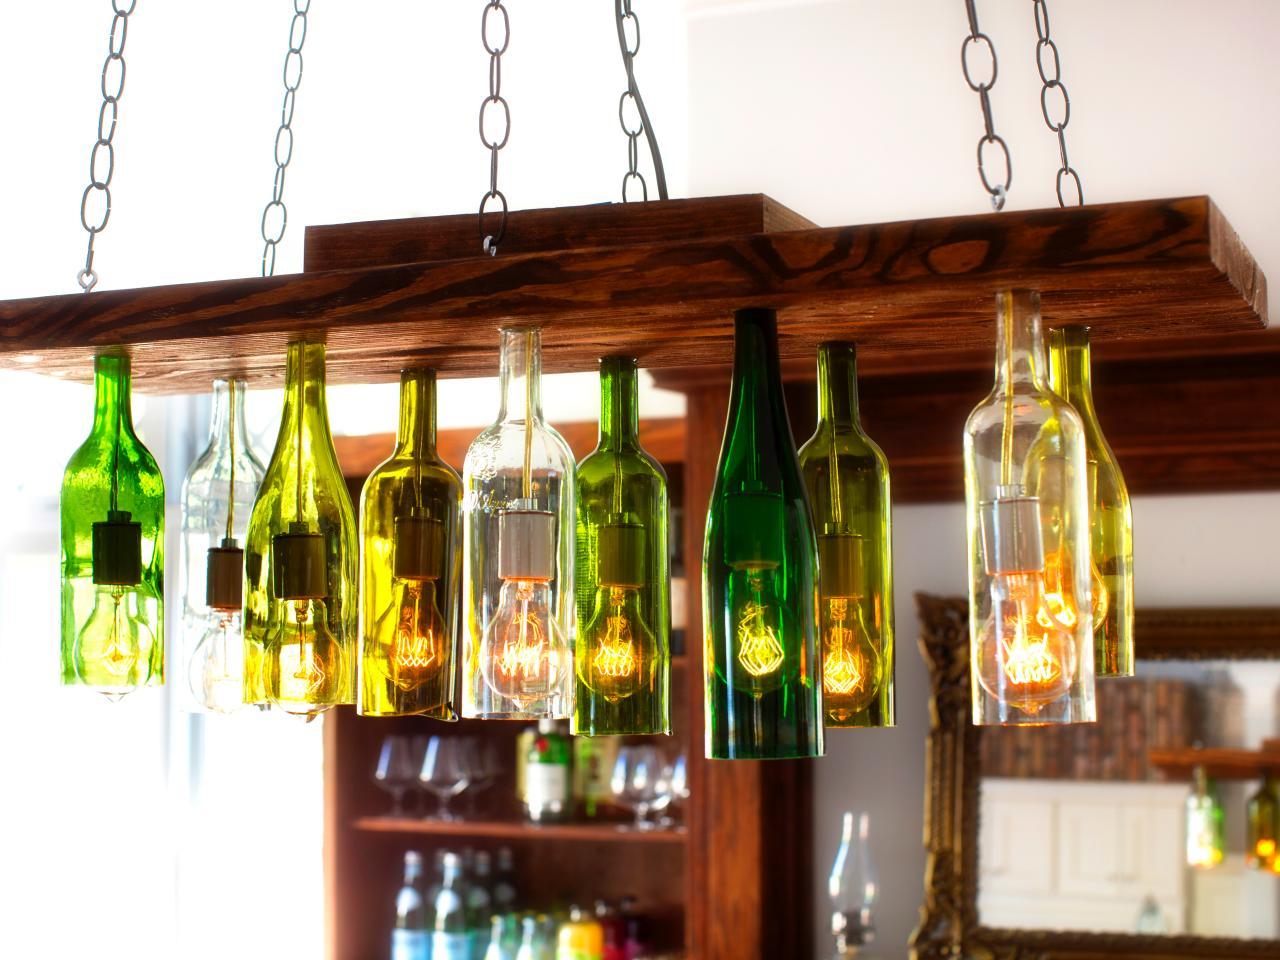 Bottle chandelier